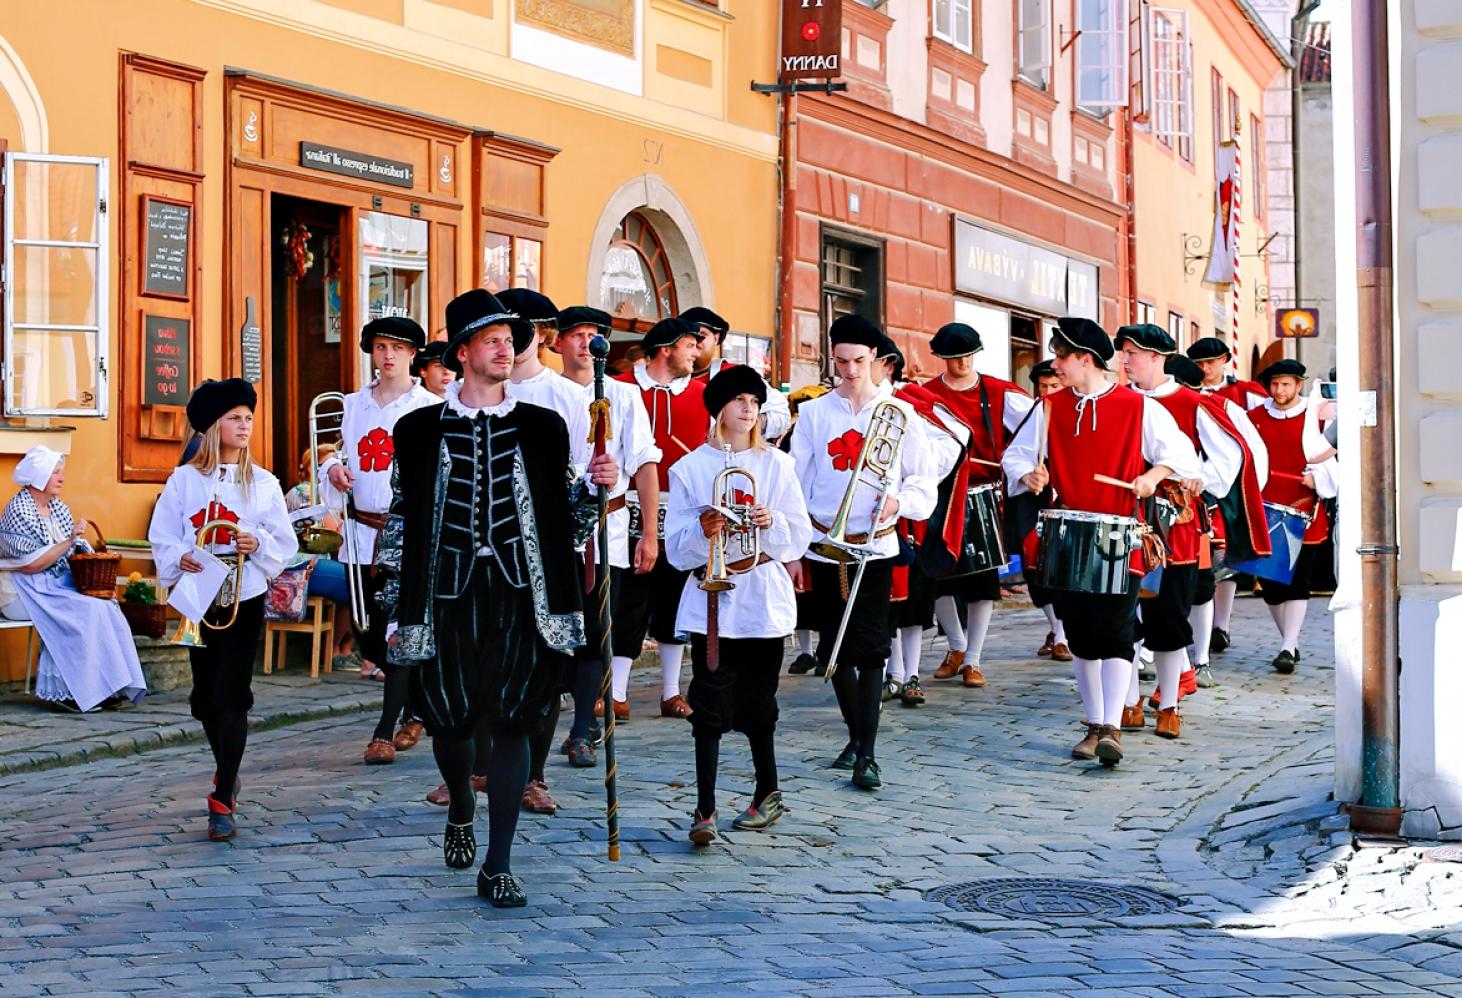 Фестиваль «Роза с пятью лепестками», Чески-Крумлов, Чехия 16.06.2017-25.06.2017